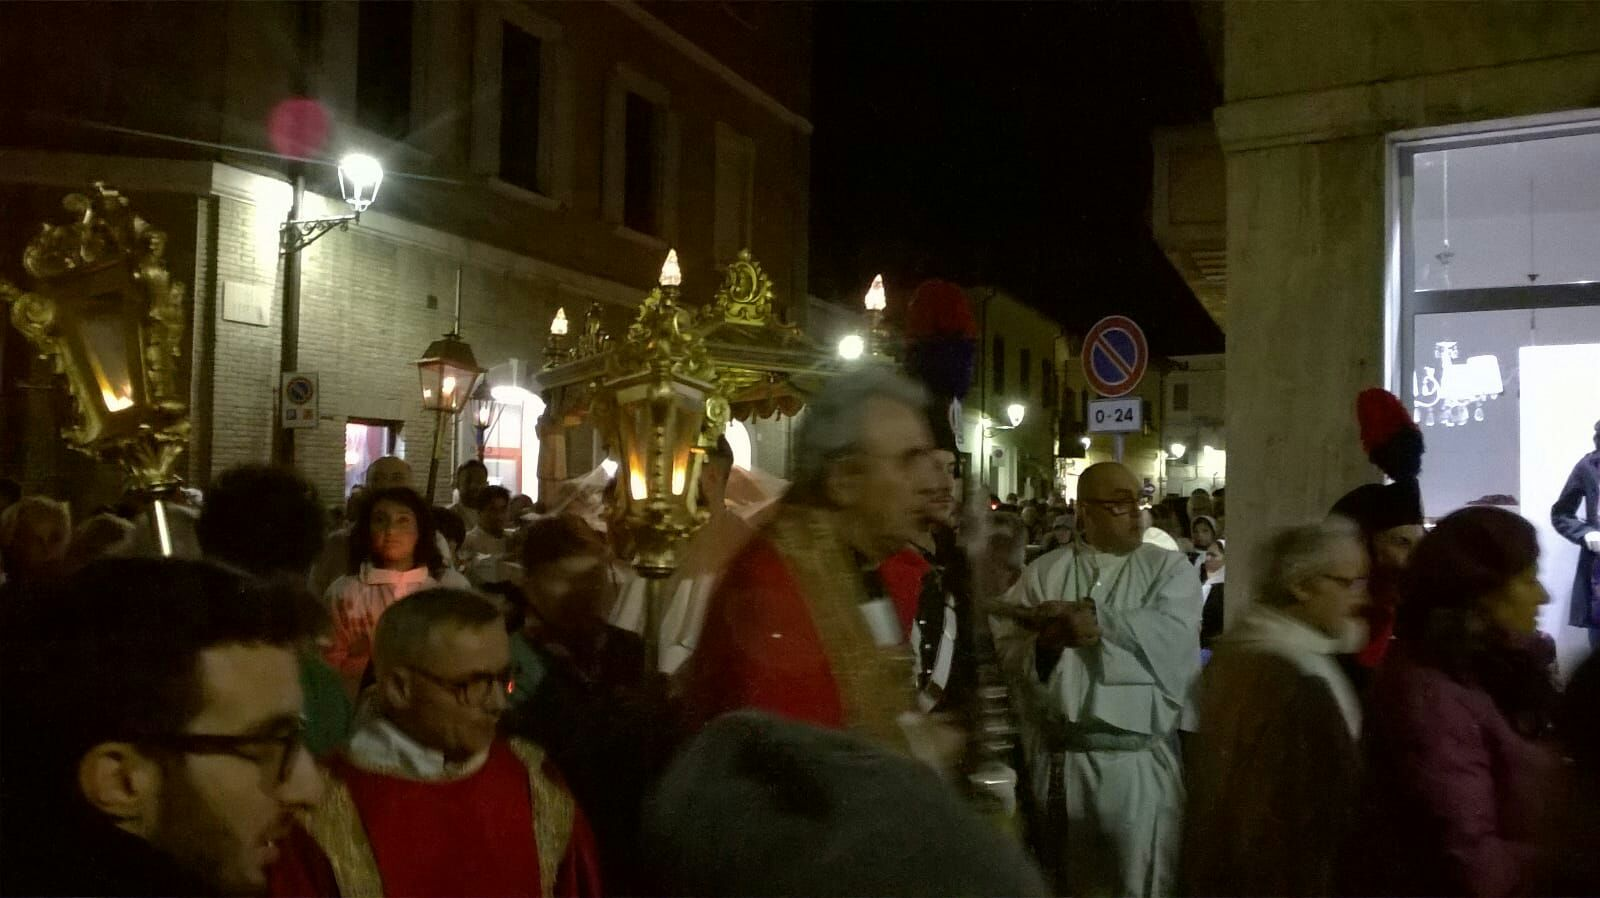 Senigallia - Via Crucis 2018 - Templari Cattolici foto 3